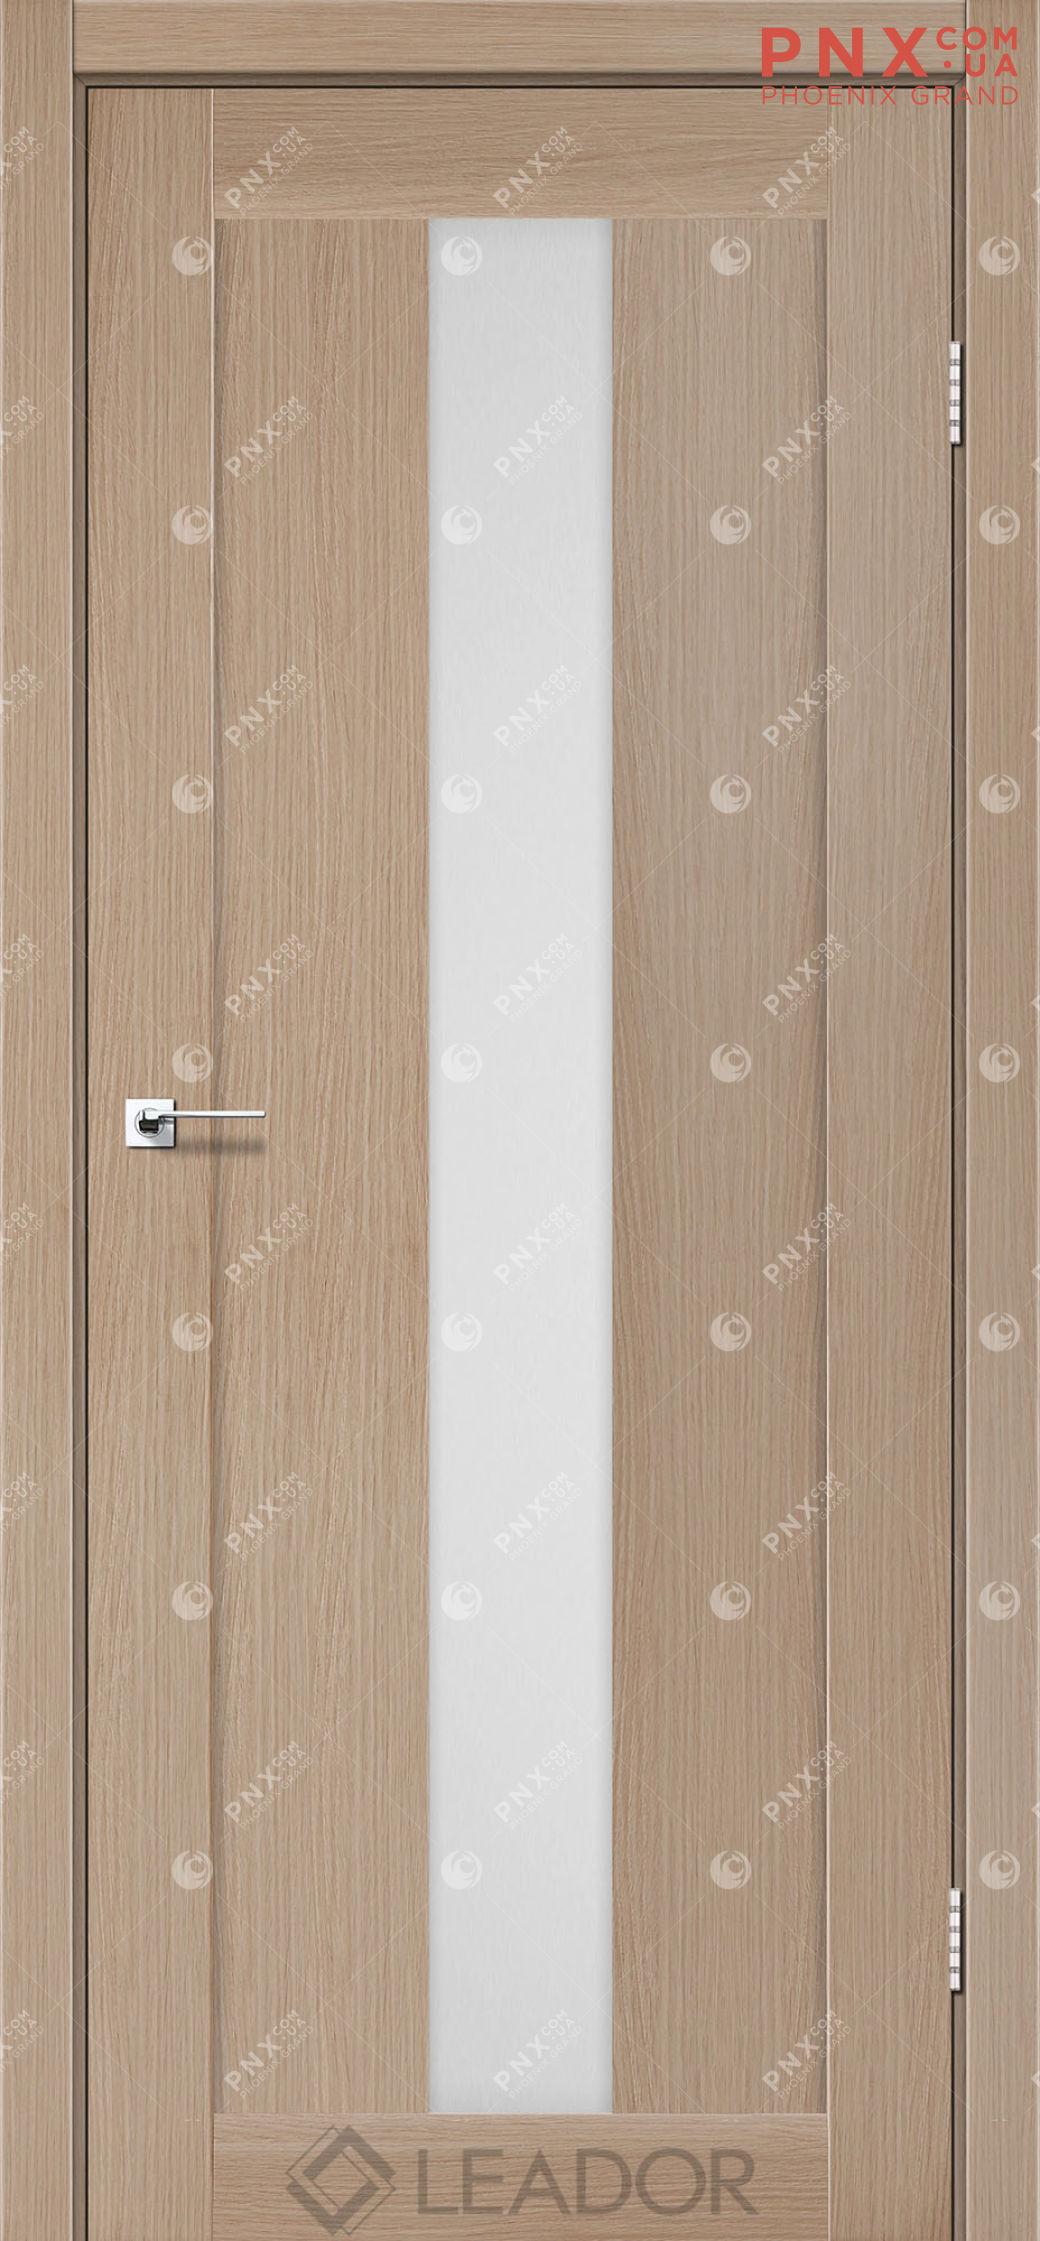 Межкомнатная дверь LEADOR Bari, Дуб Мокко, Белое стекло сатин